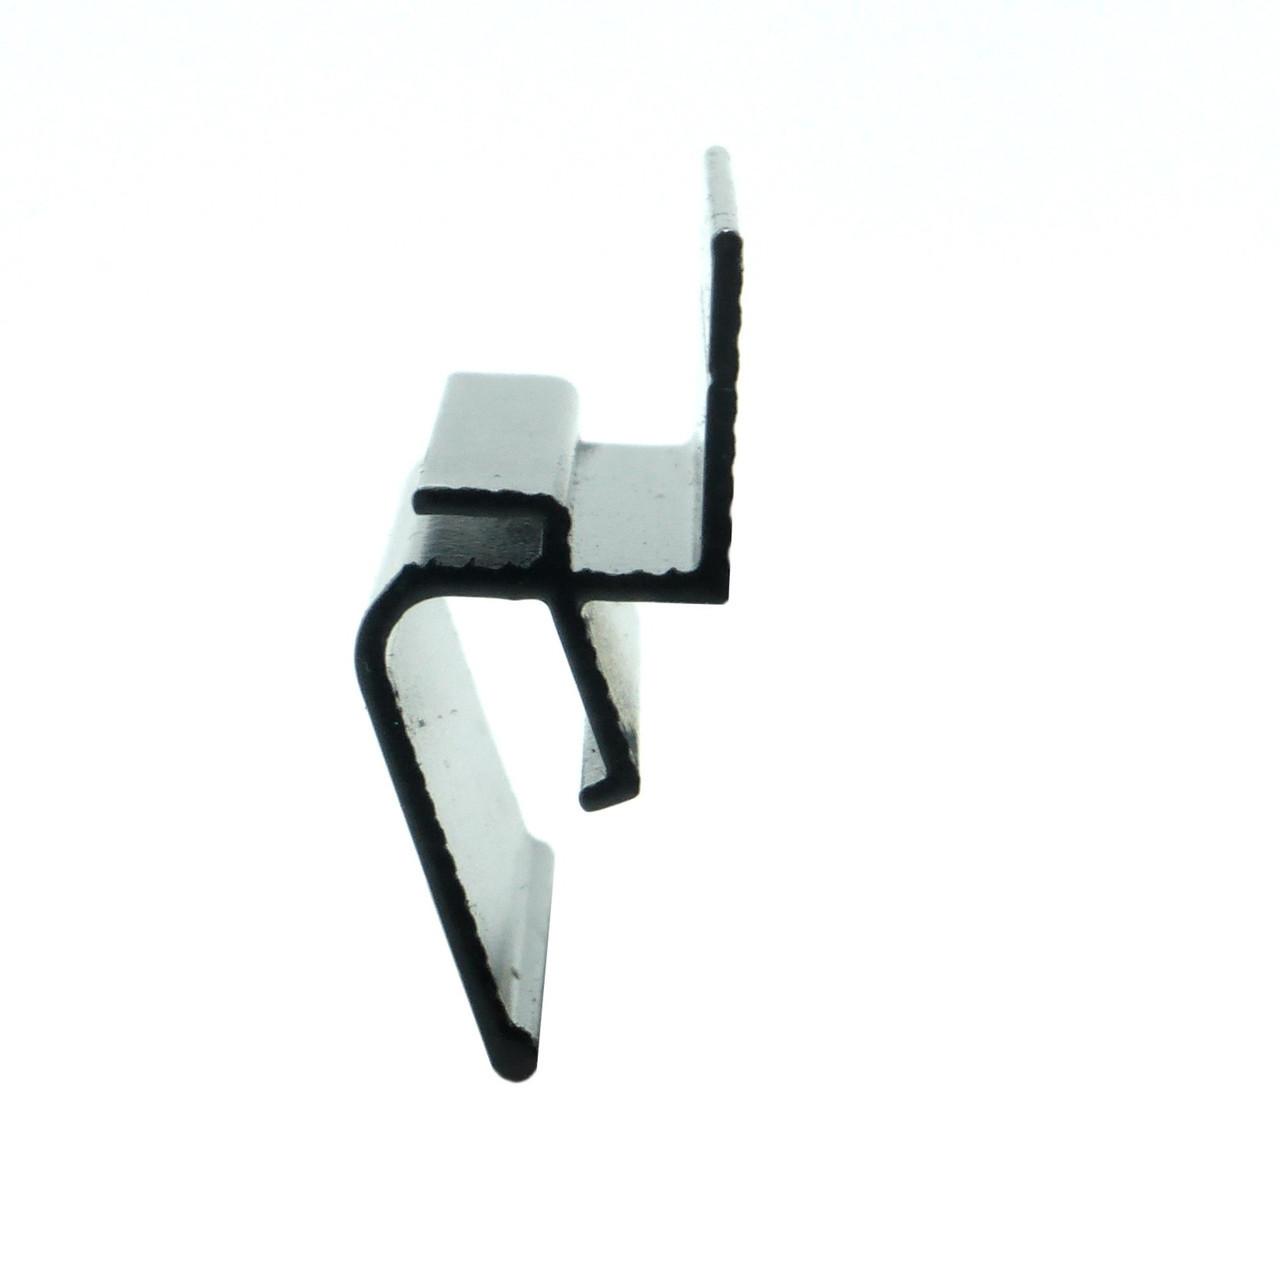 Профиль алюминиевый - EUROKRAAB, система теневого примыкания. Длина профиля 2 м.